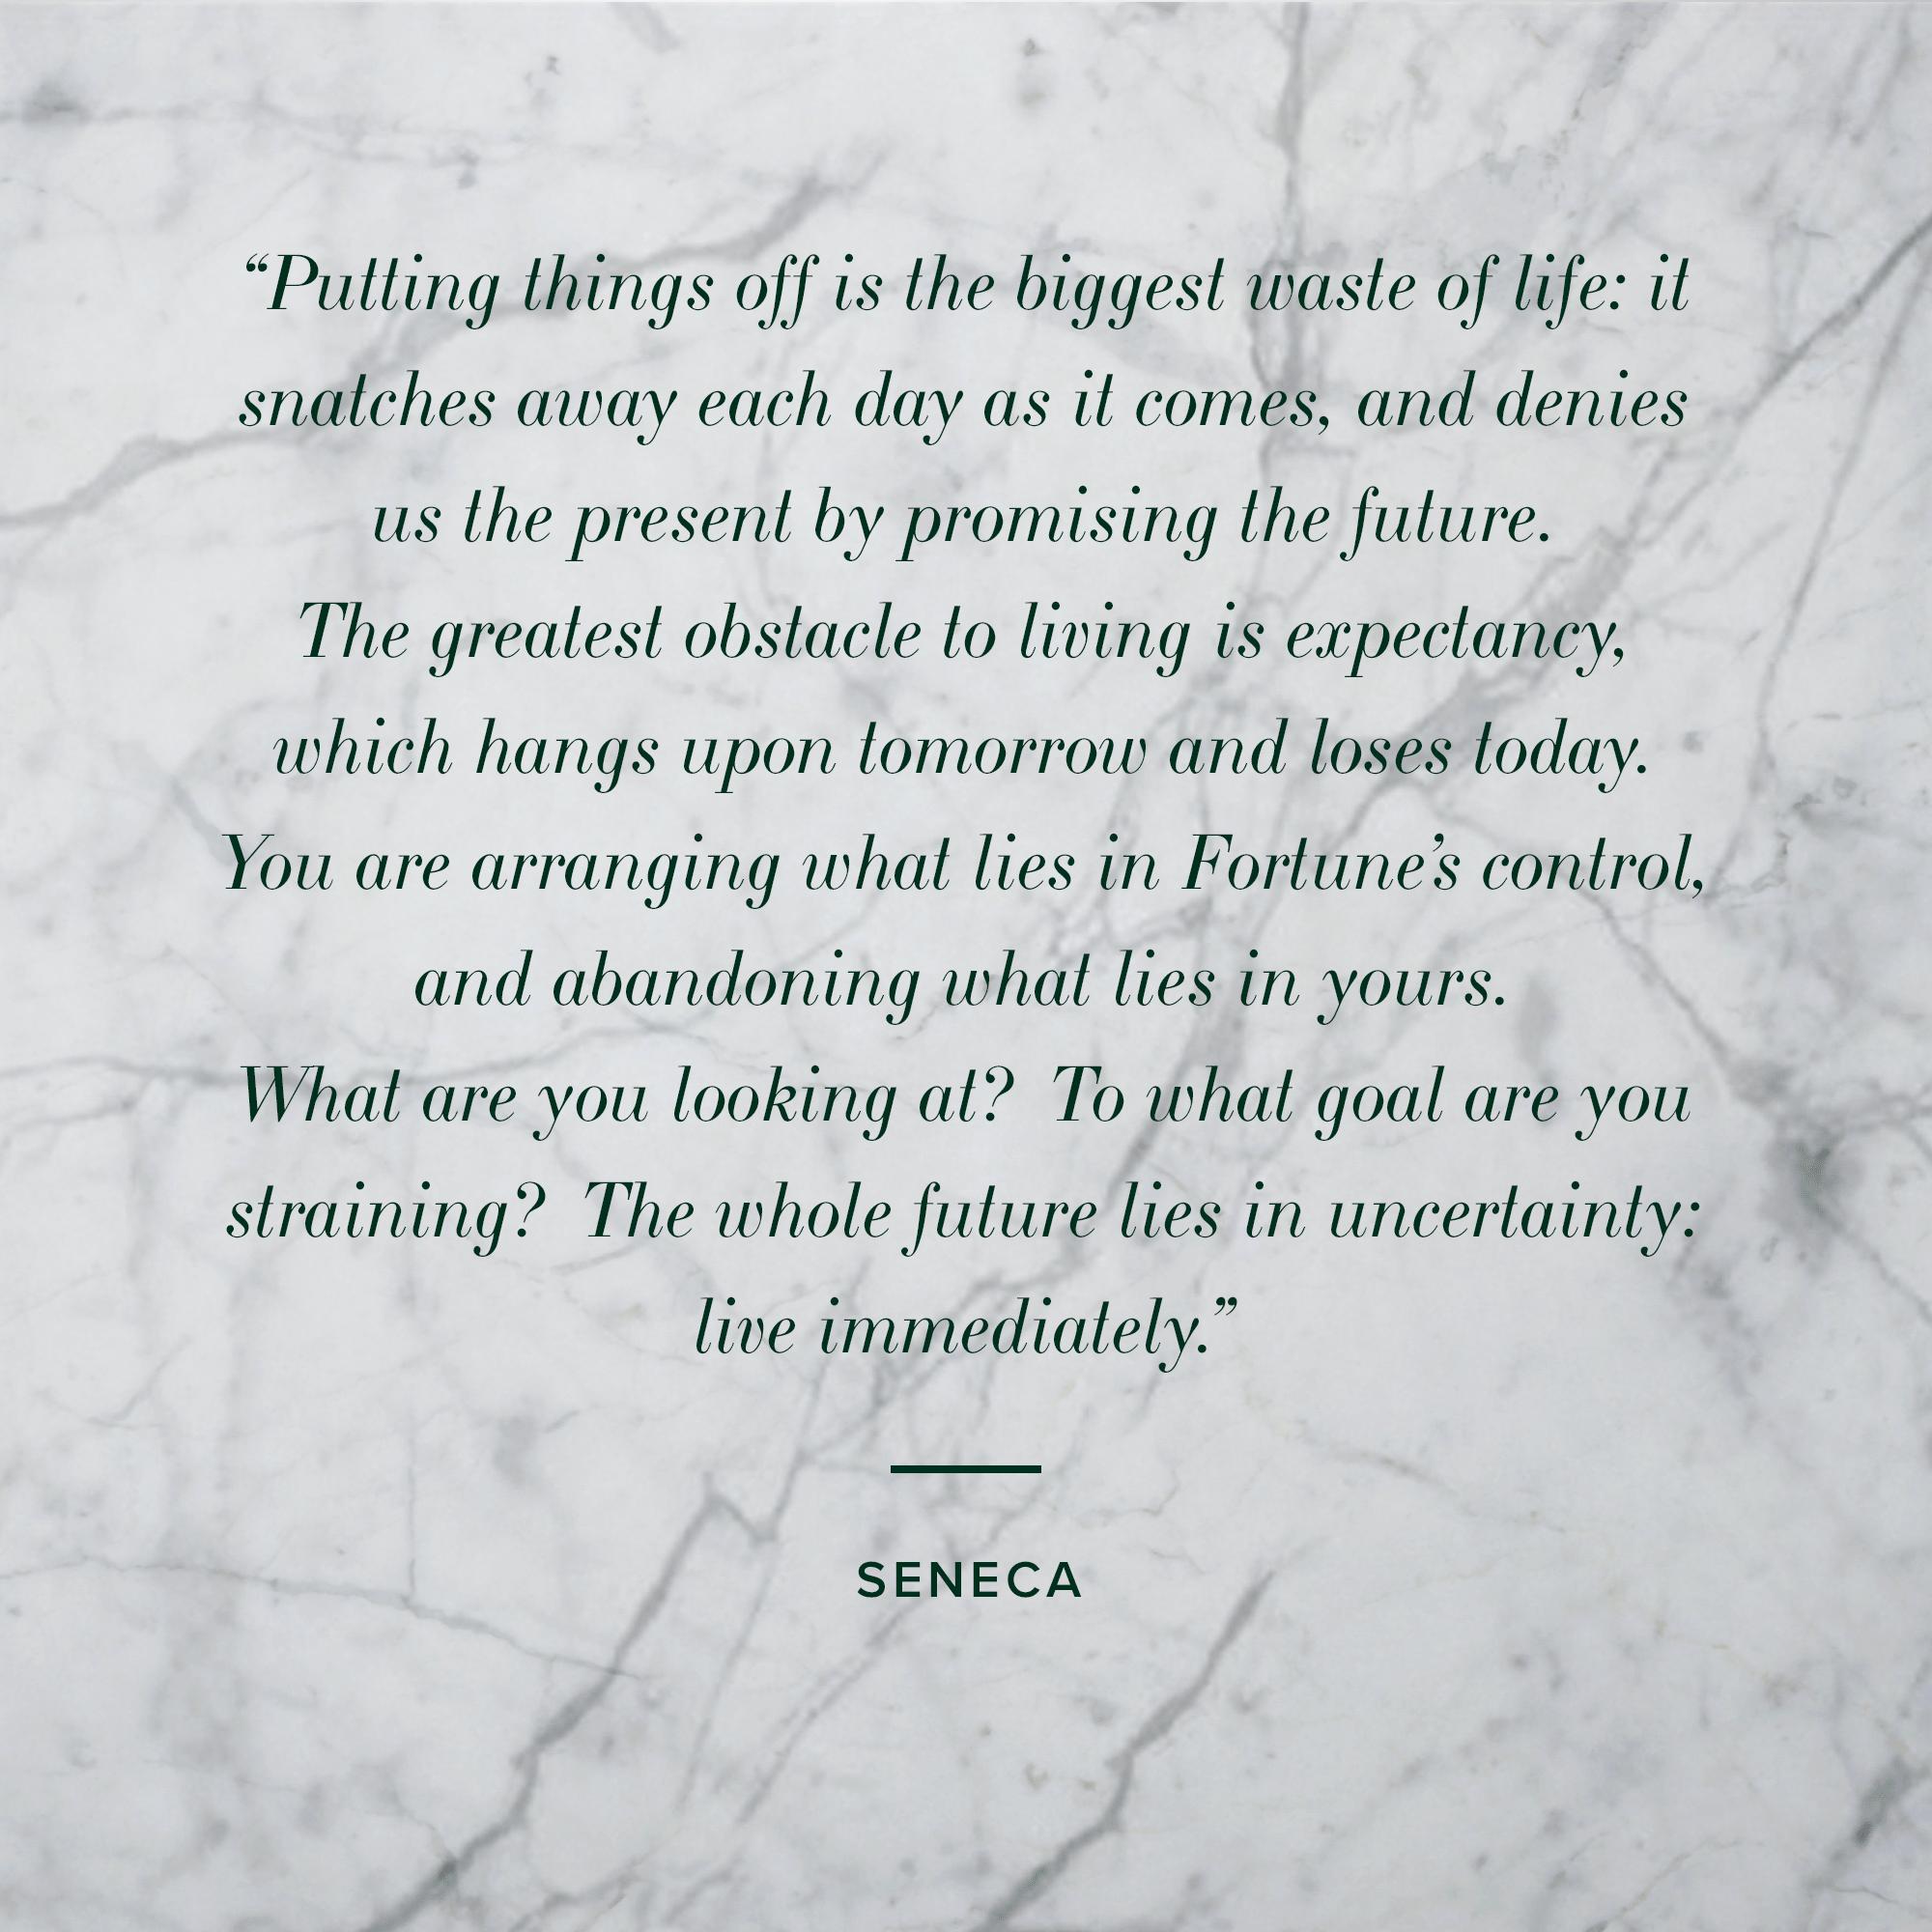 Quote-Seneca-short-life.png